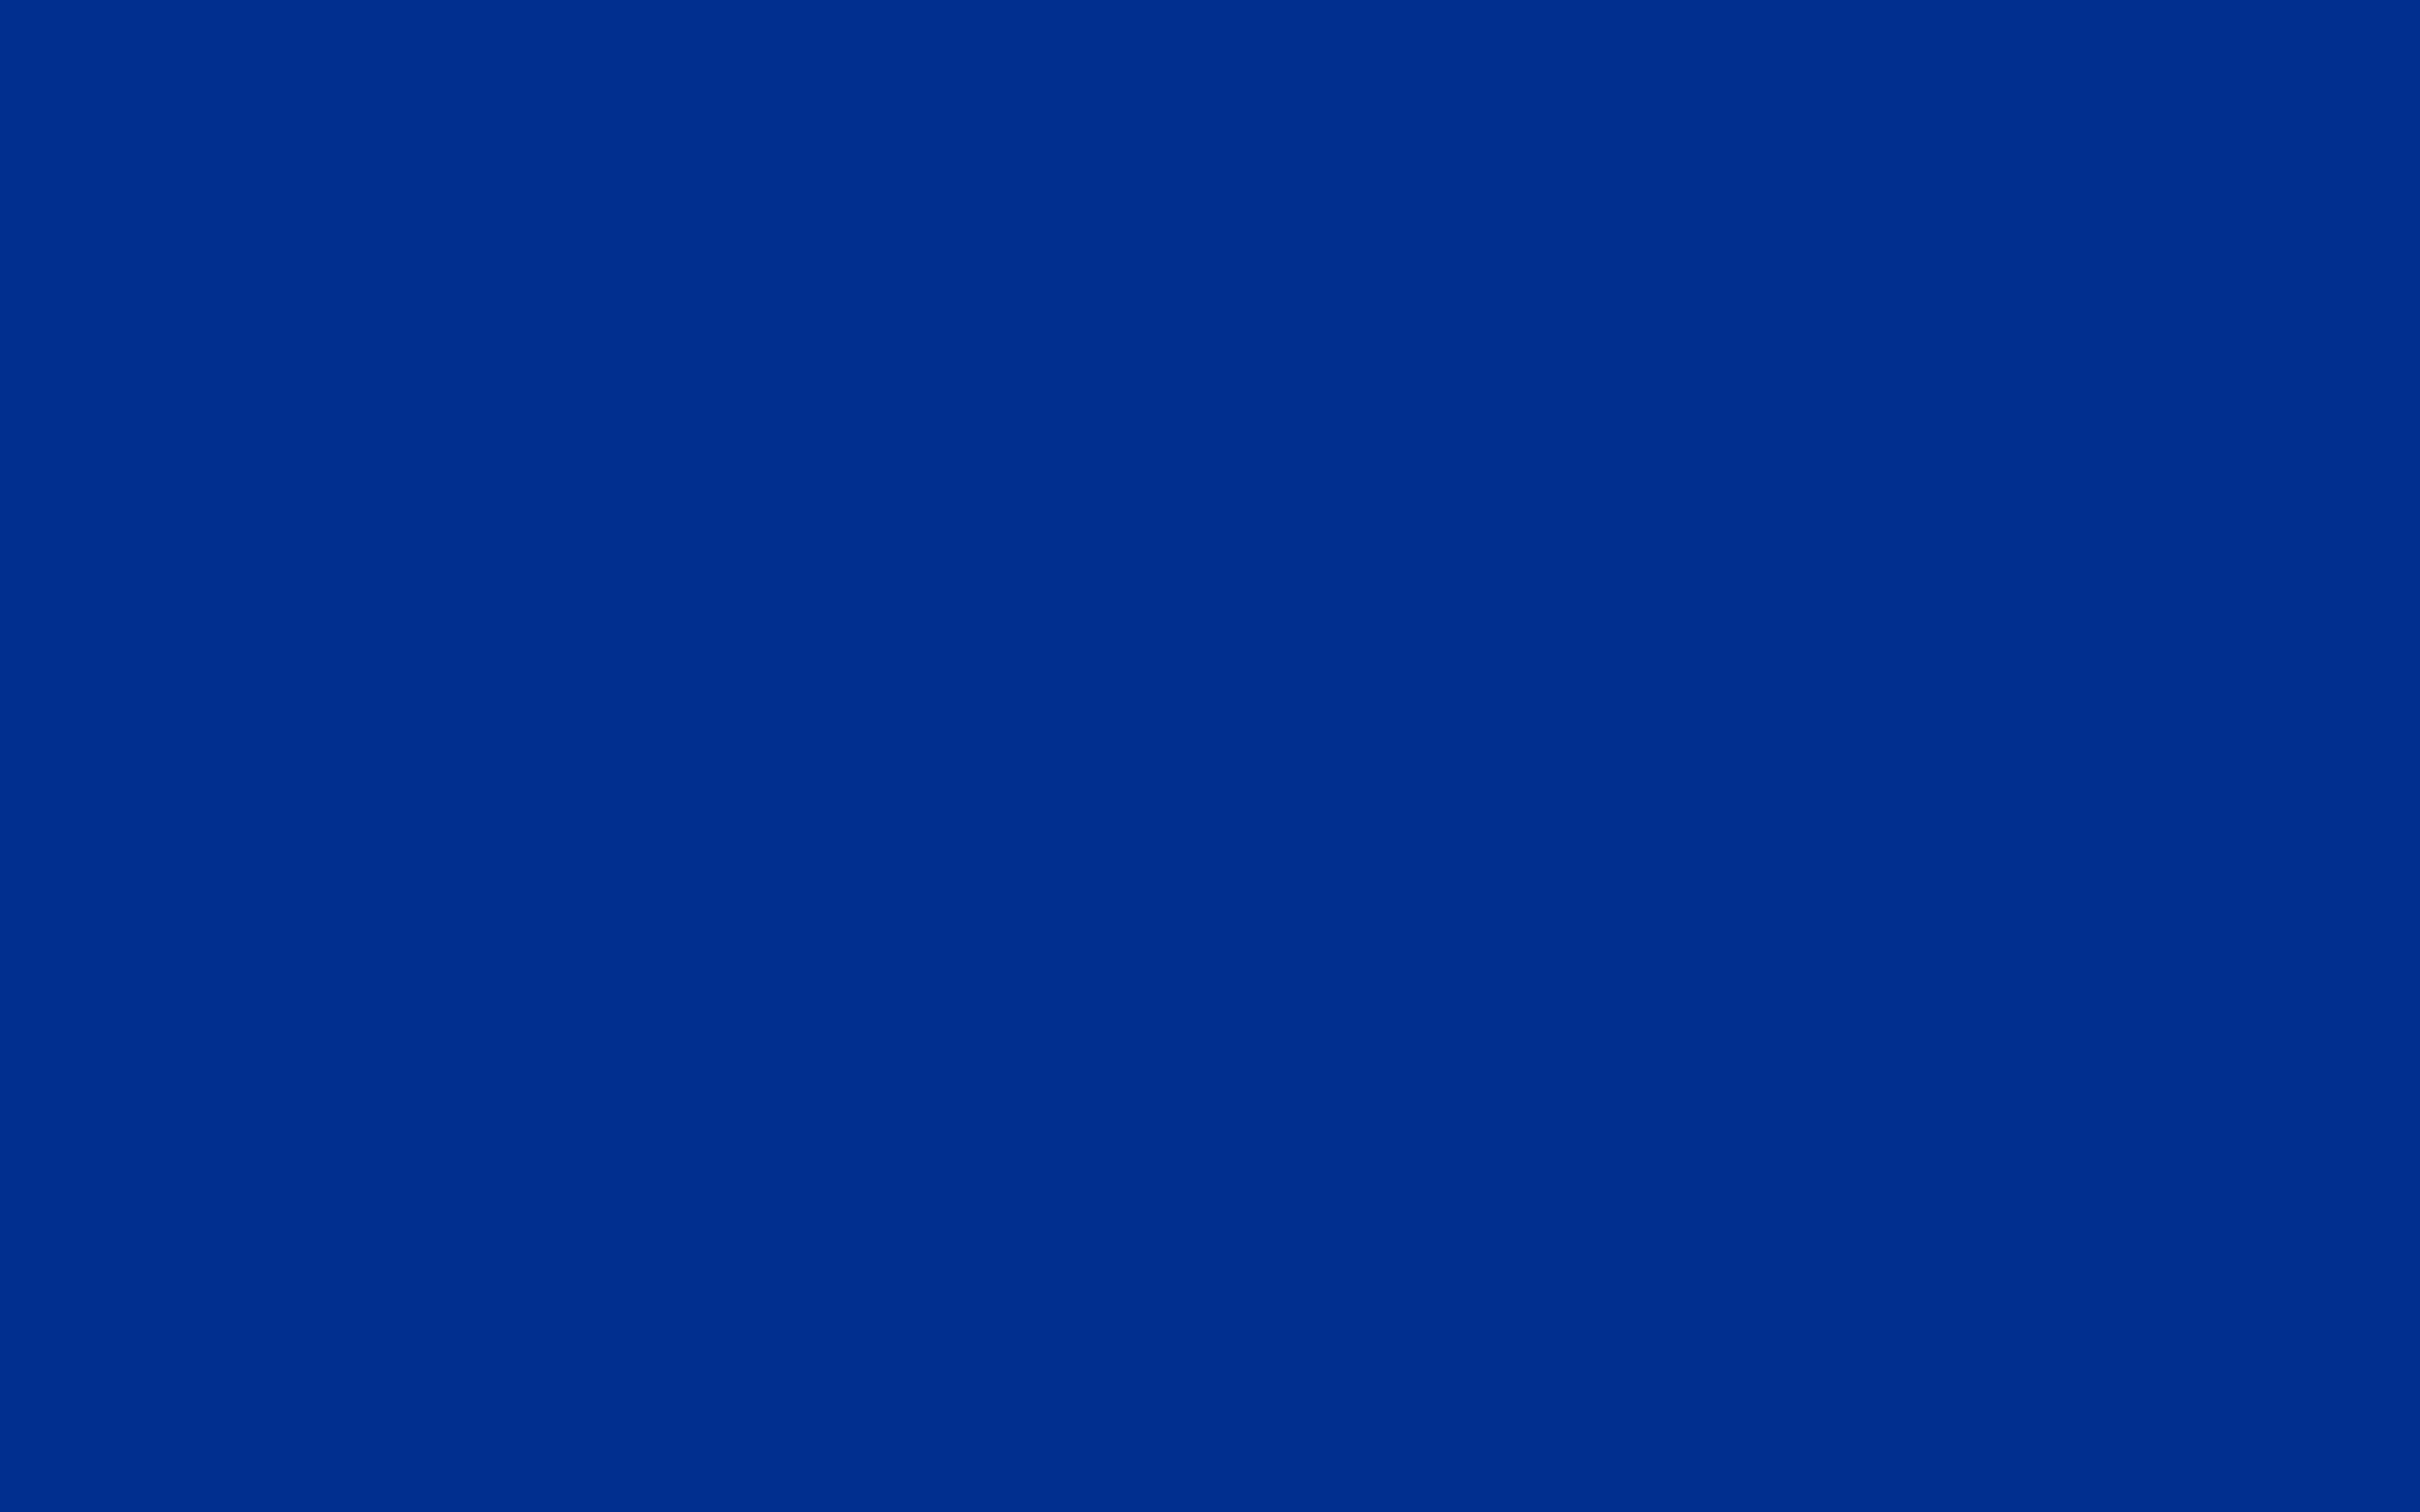 Blue Color Wallpaper - WallpaperSafari